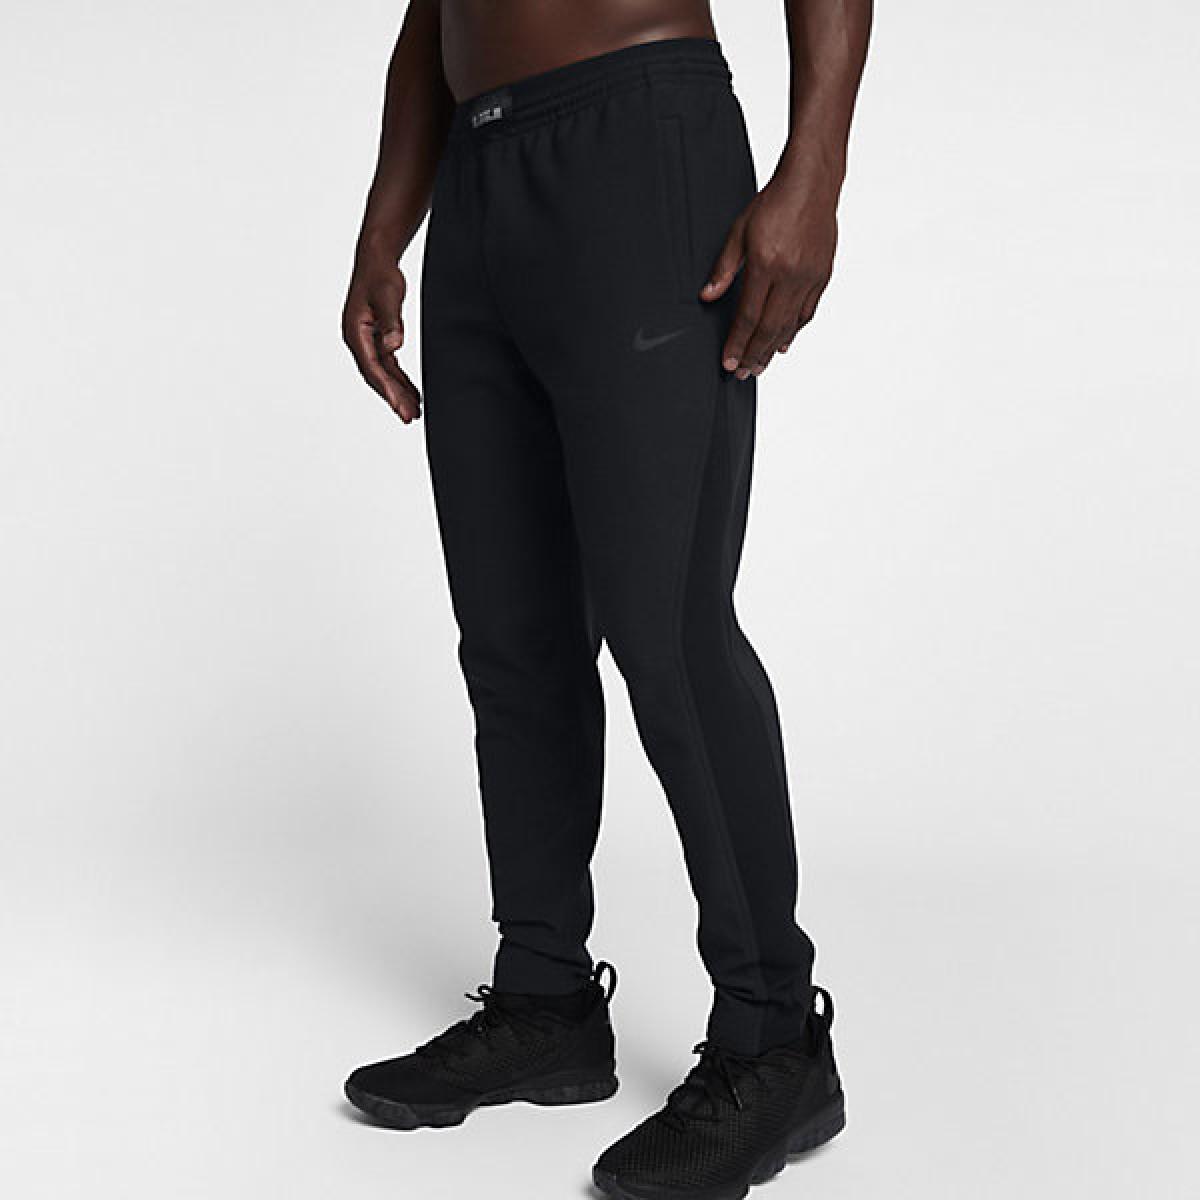 Nike Lebron Showtime Pant 'Black'